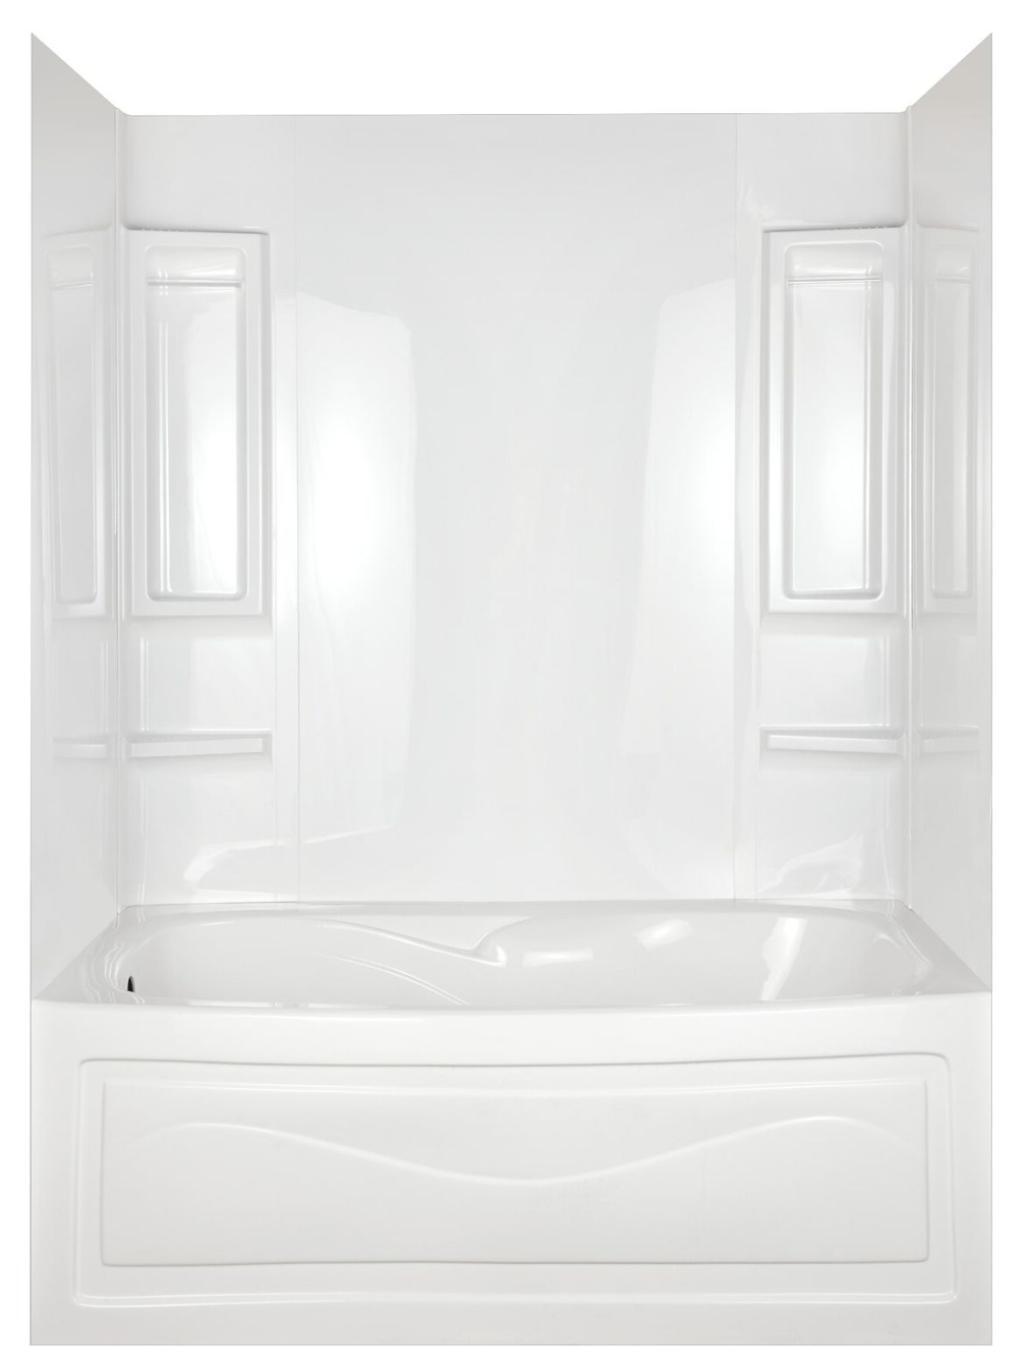 Bathtub Shower Tub Wall Surround 6 Shelves 2 Towel Bars 5 Pi